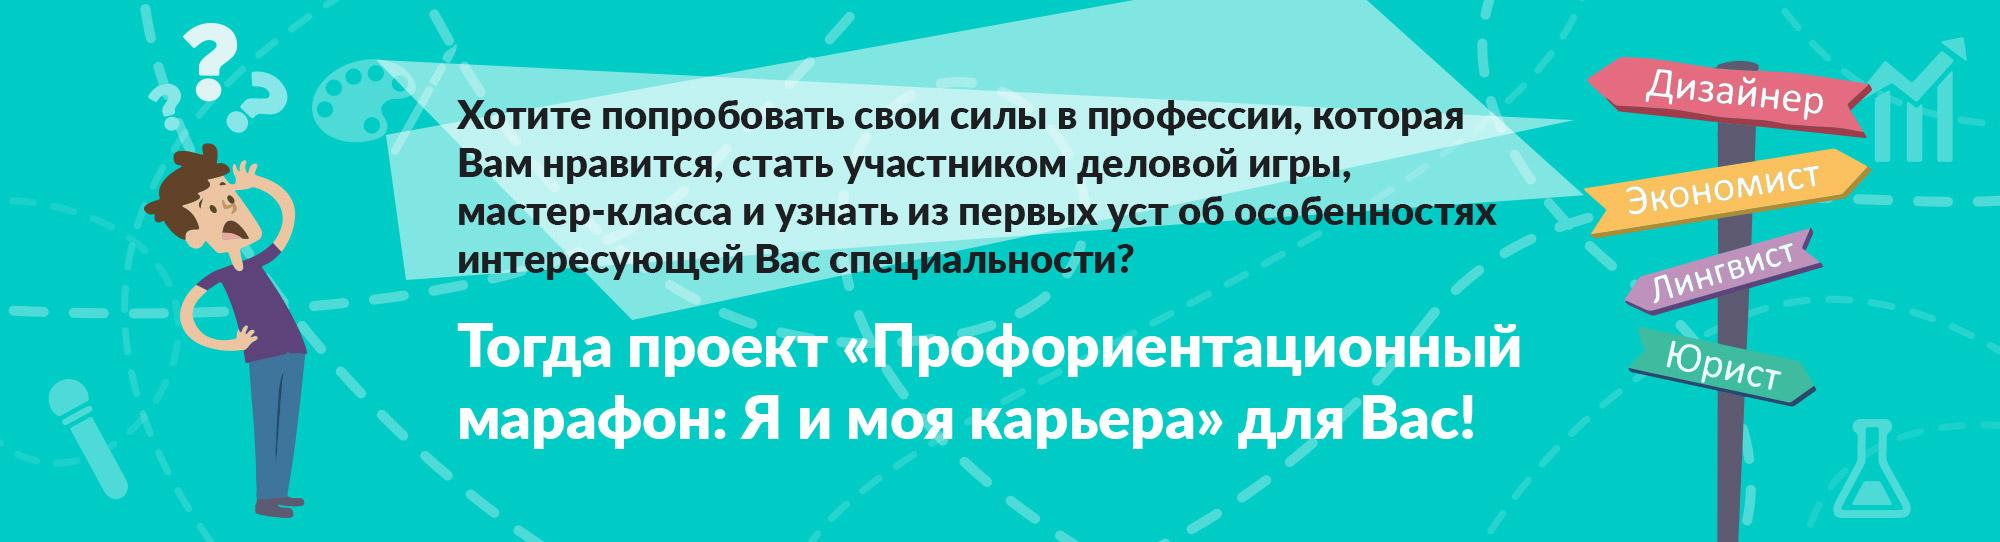 mpgu-site-proforient-proekt1-banner